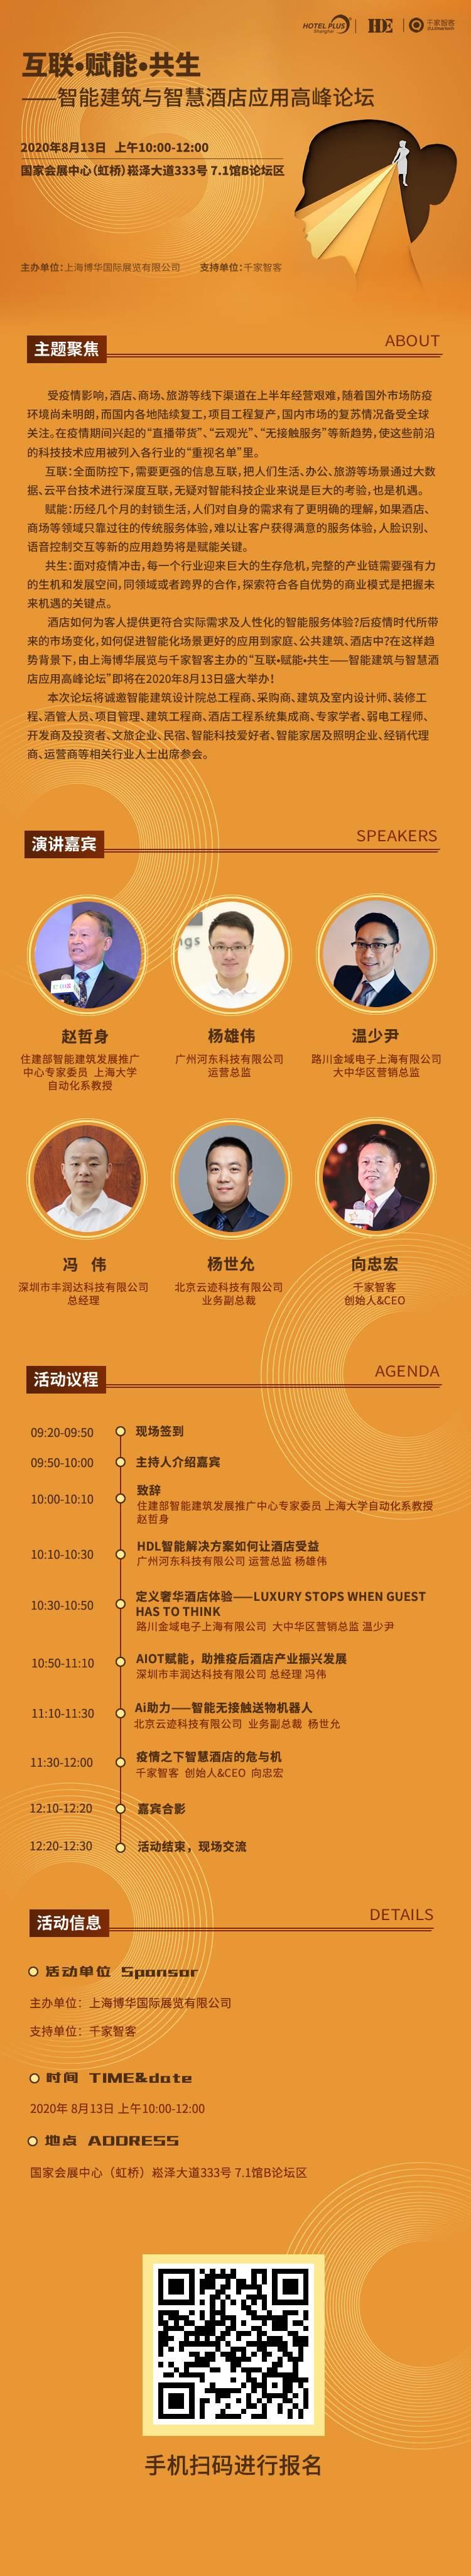 上海论坛2020.jpg